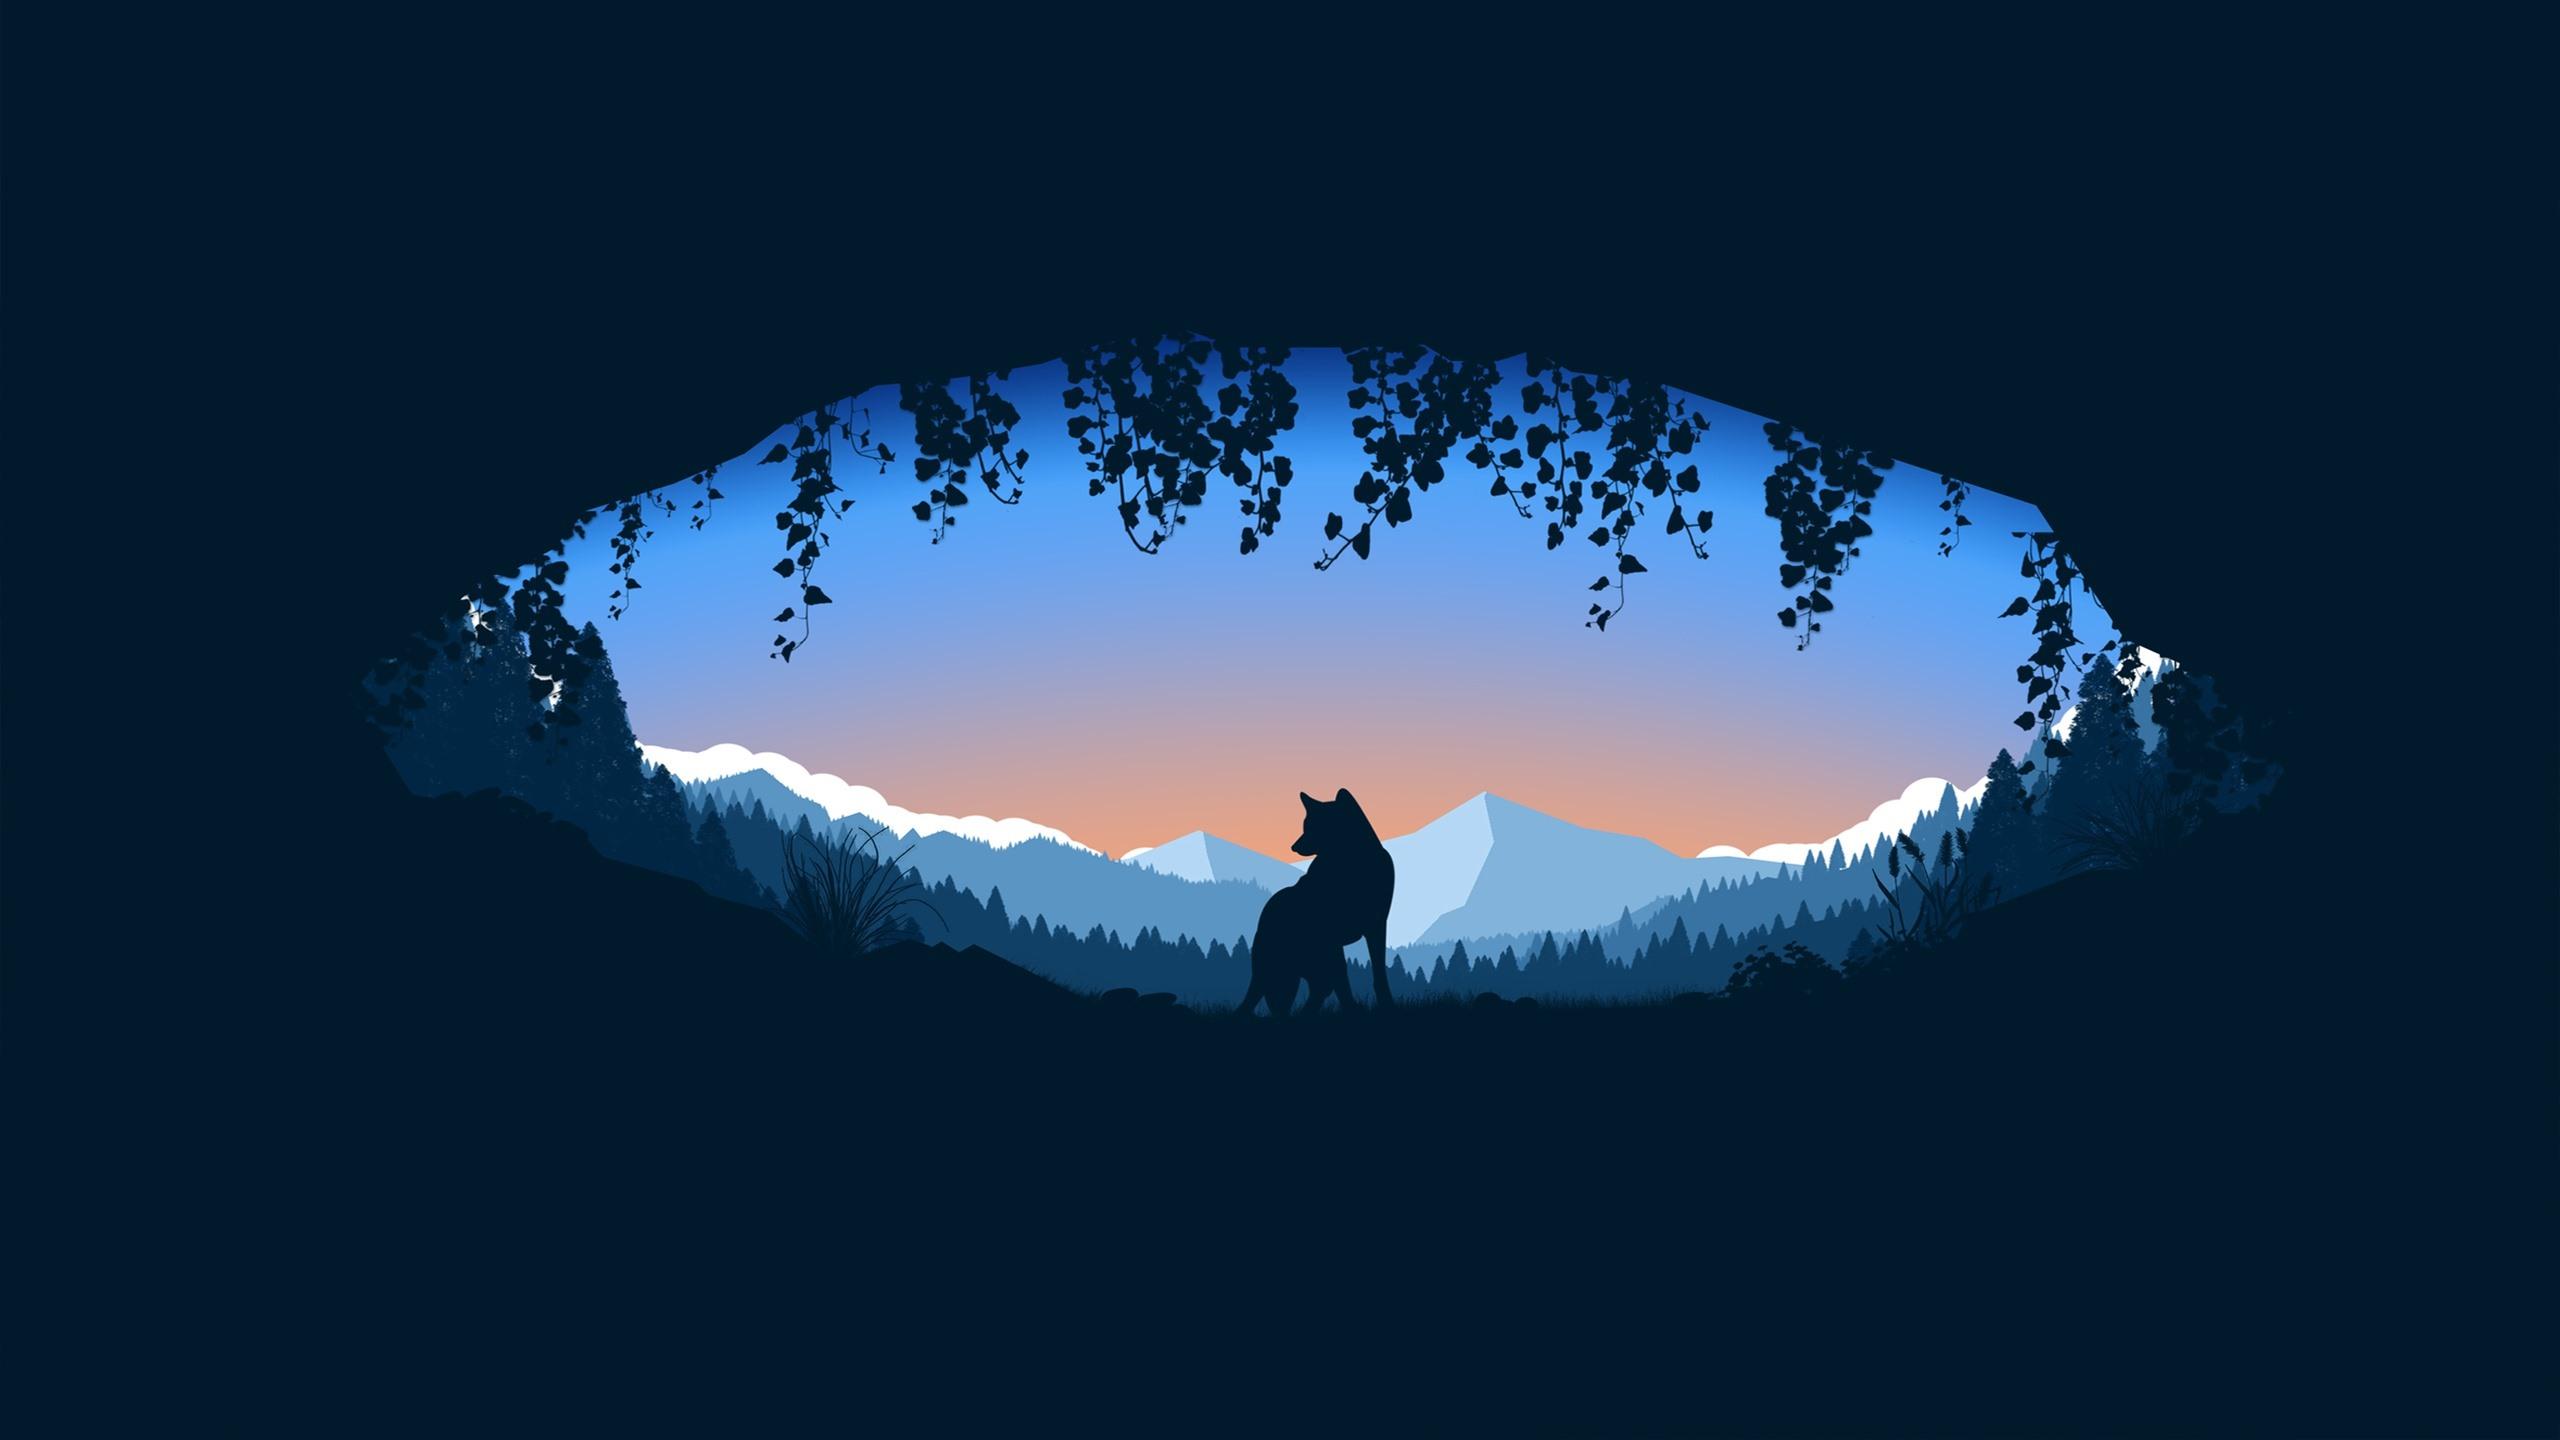 壁紙 オオカミ 穴 山 シルエット アート写真 2560x1440 Qhd 無料のデスクトップの背景 画像